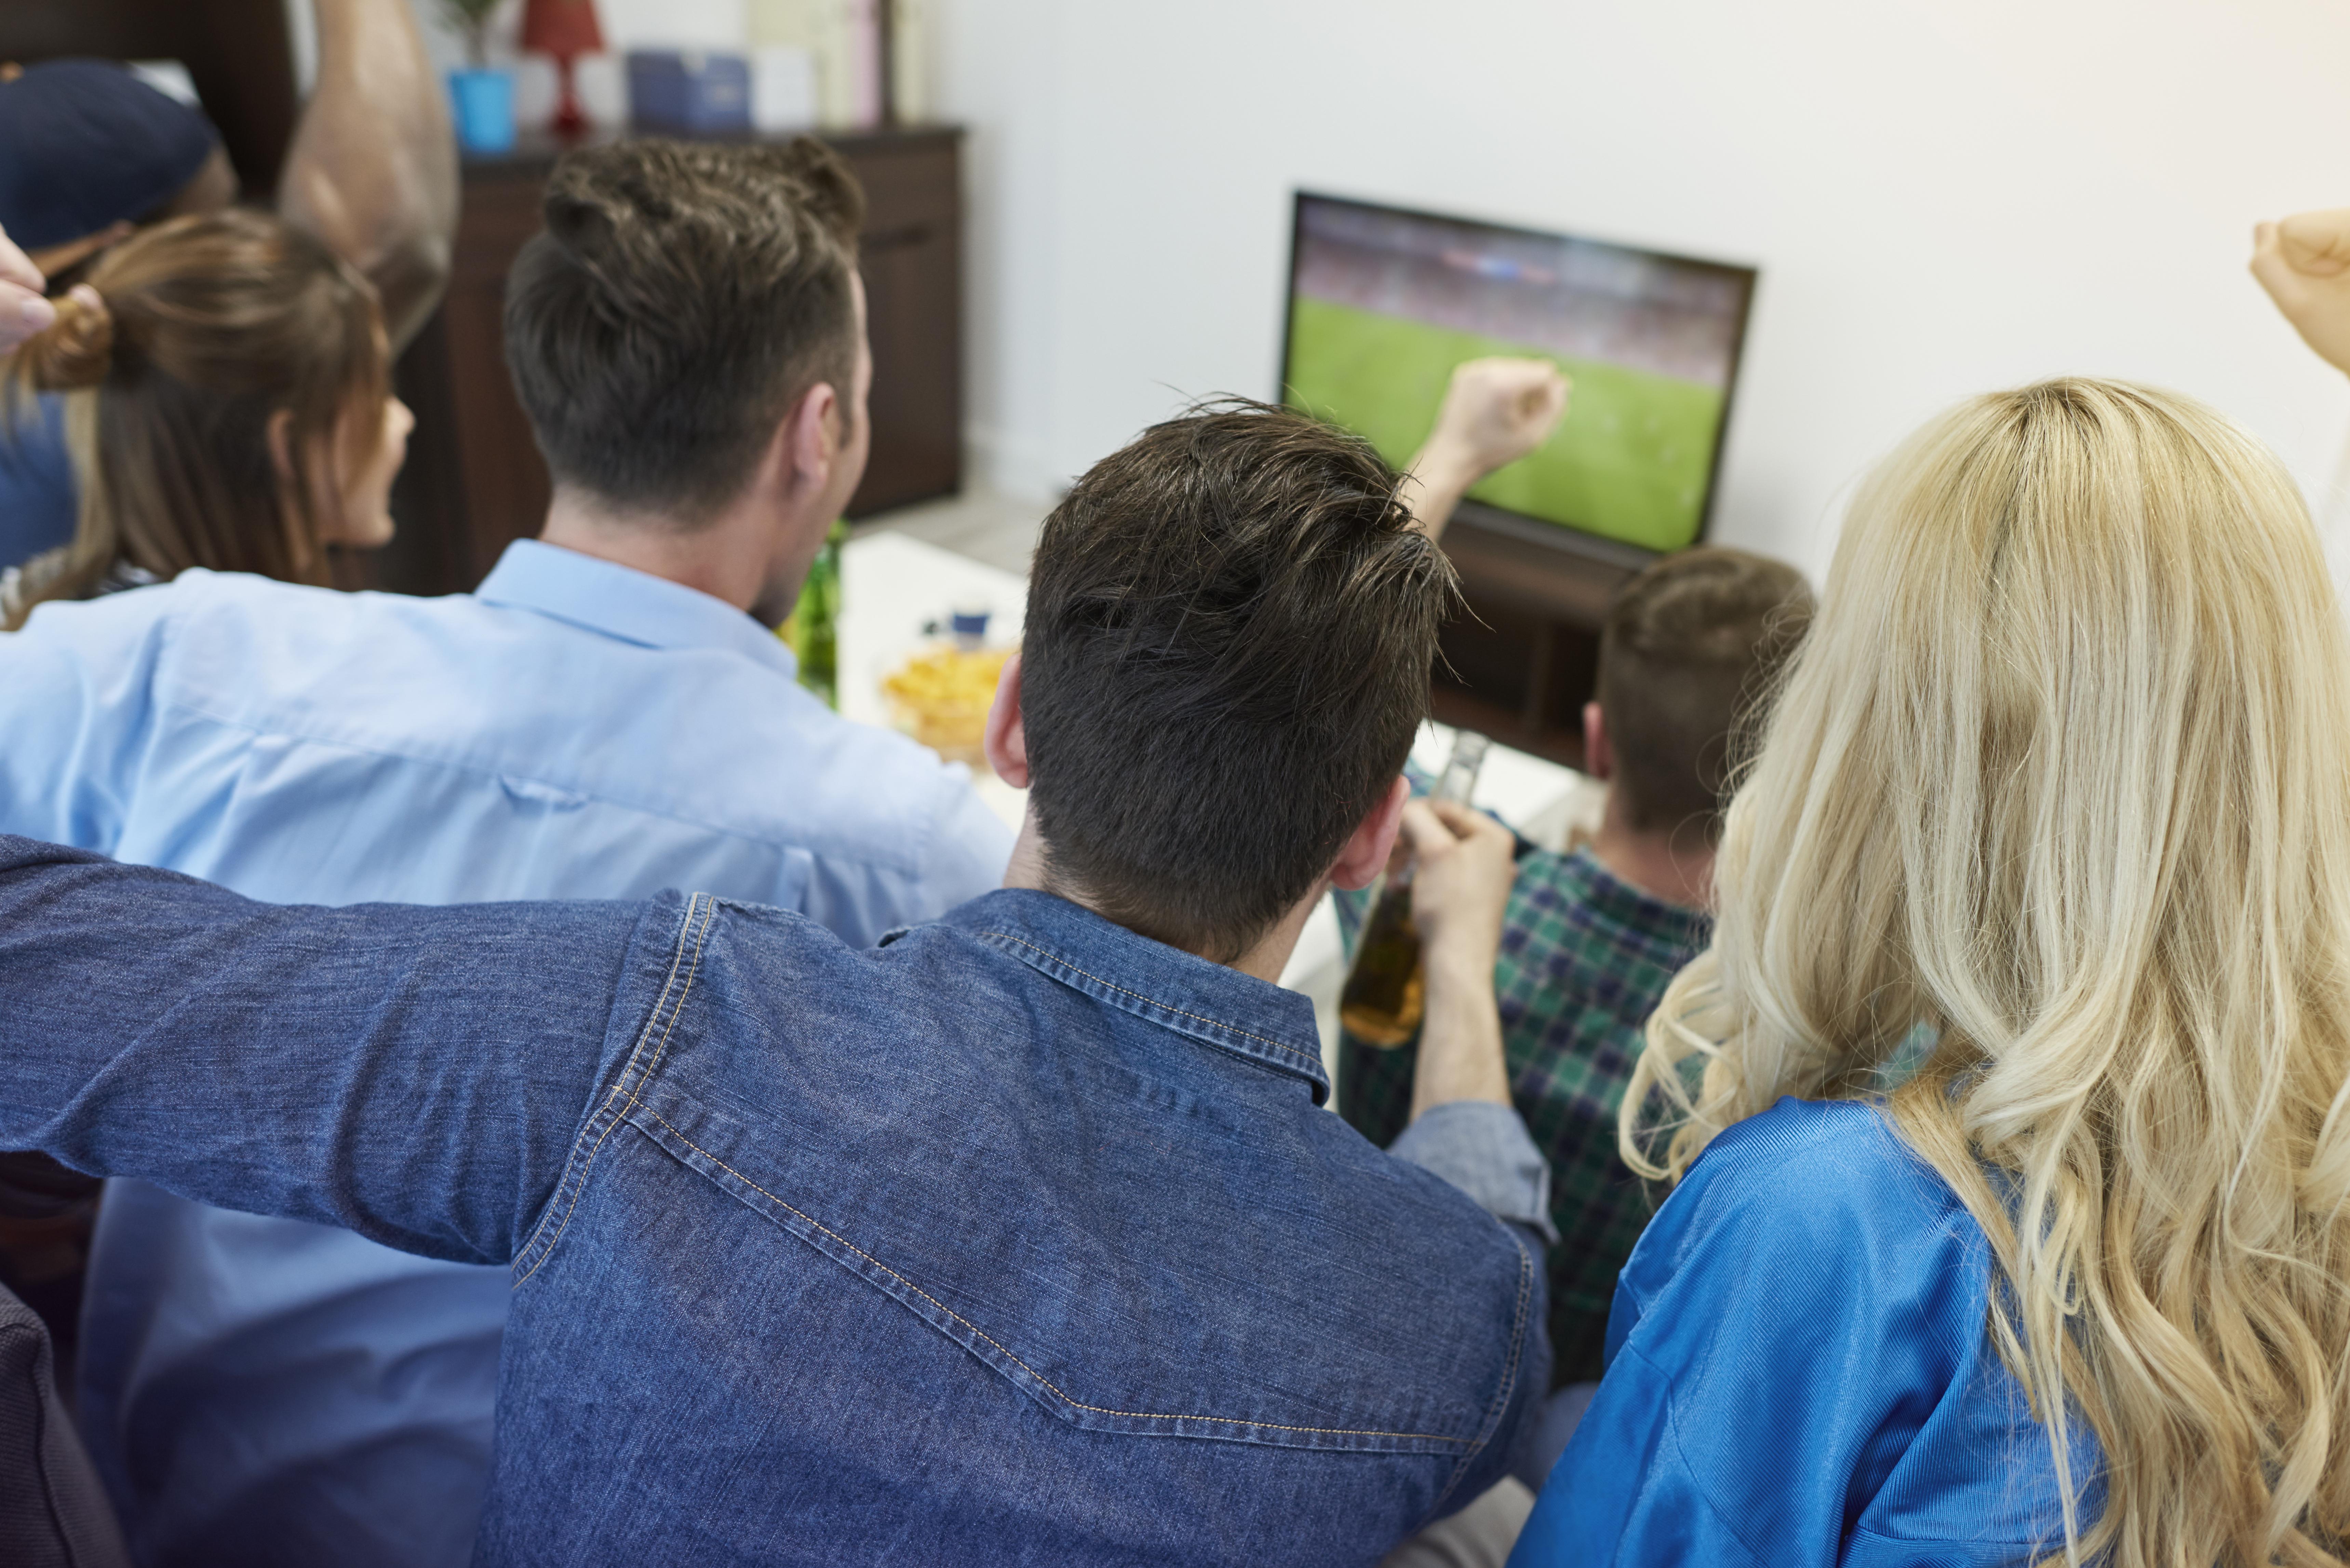 En spännande fotbollsmatch kan vara en rejäl pulshöjare men kan det också vara farligt för hjärtat?